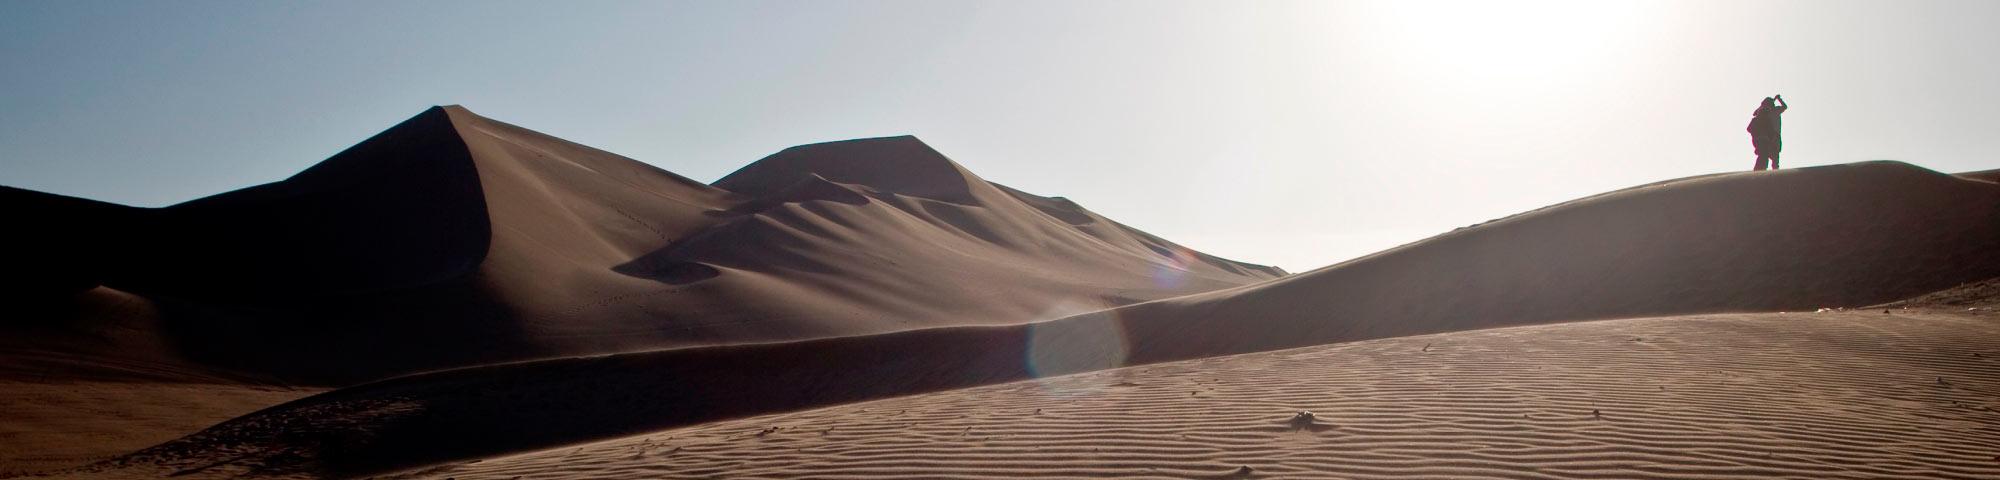 Perú impulsará reactivación del turismo bajo estrictos protocolos de bioseguridad